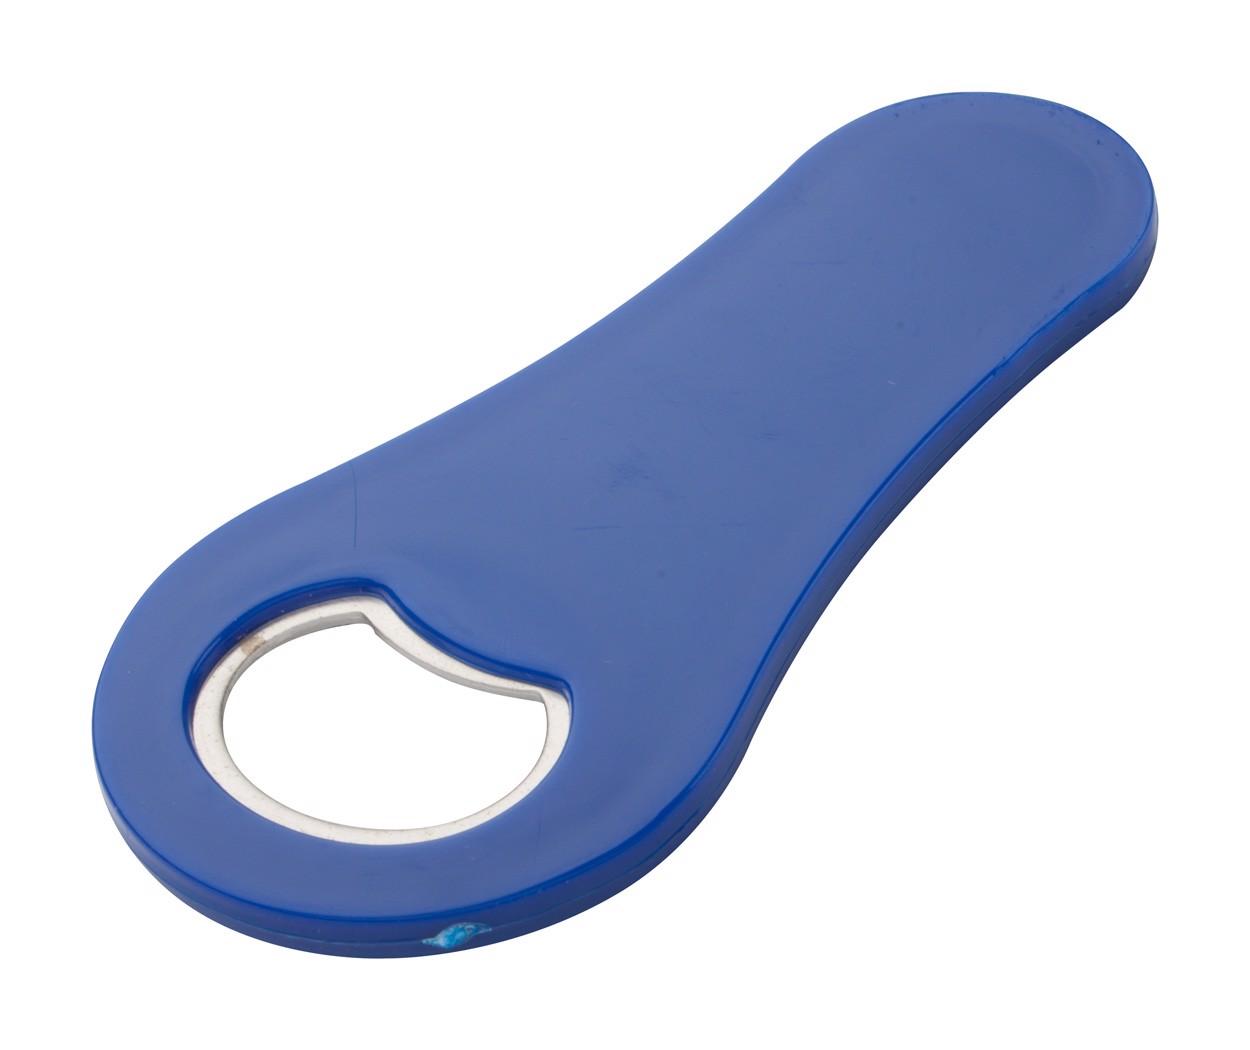 Desfăcător Cu Magnet Tronic - Albastru